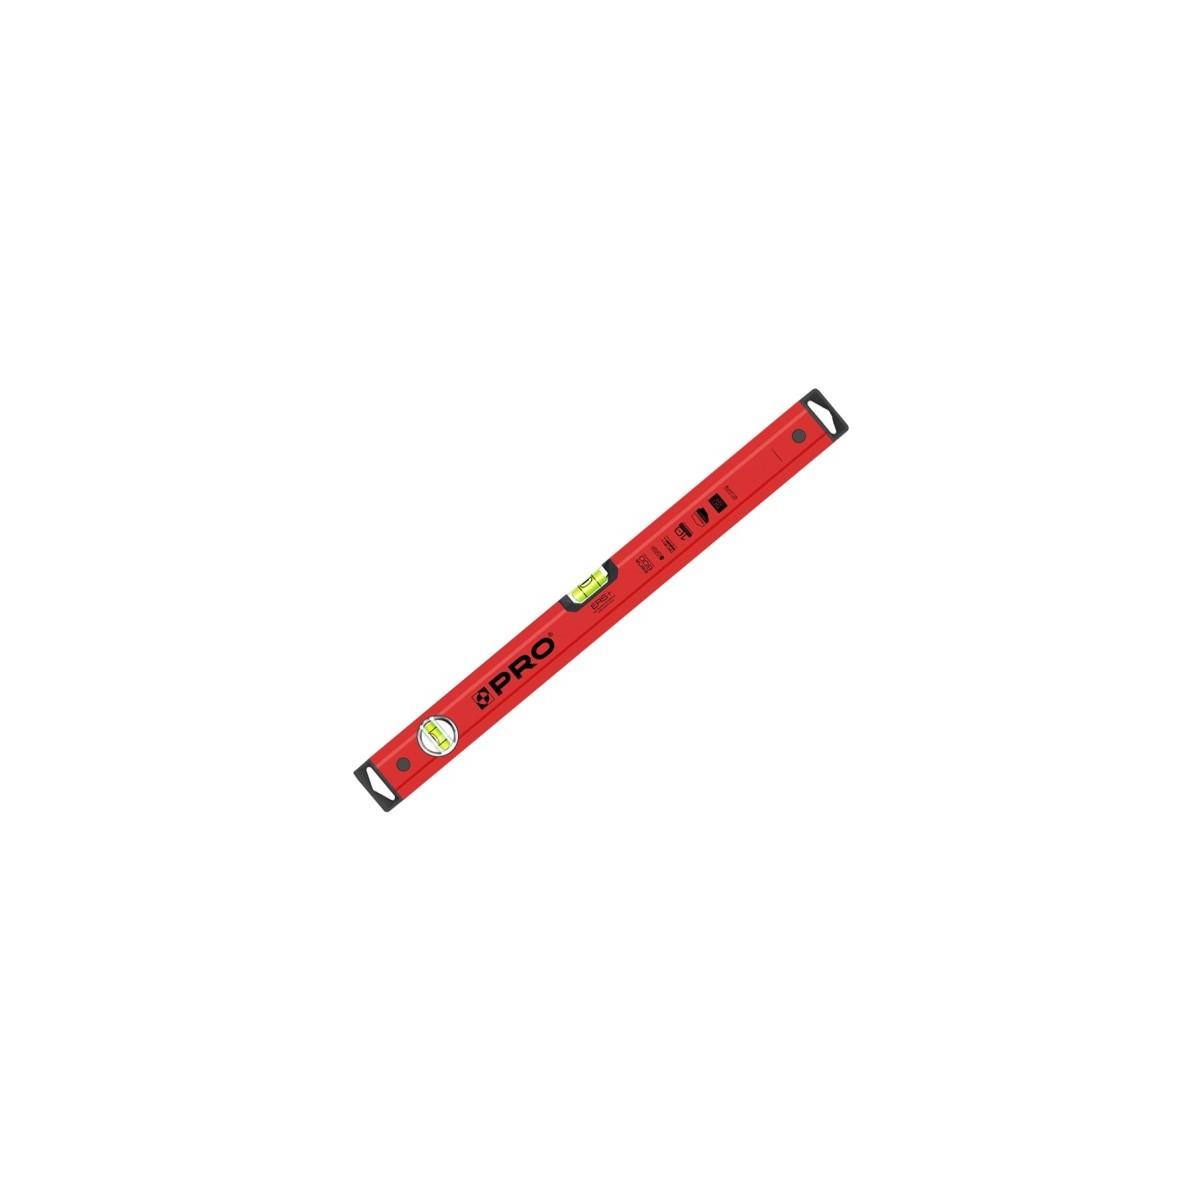 Poziomica PRO 100 cm, czerwona